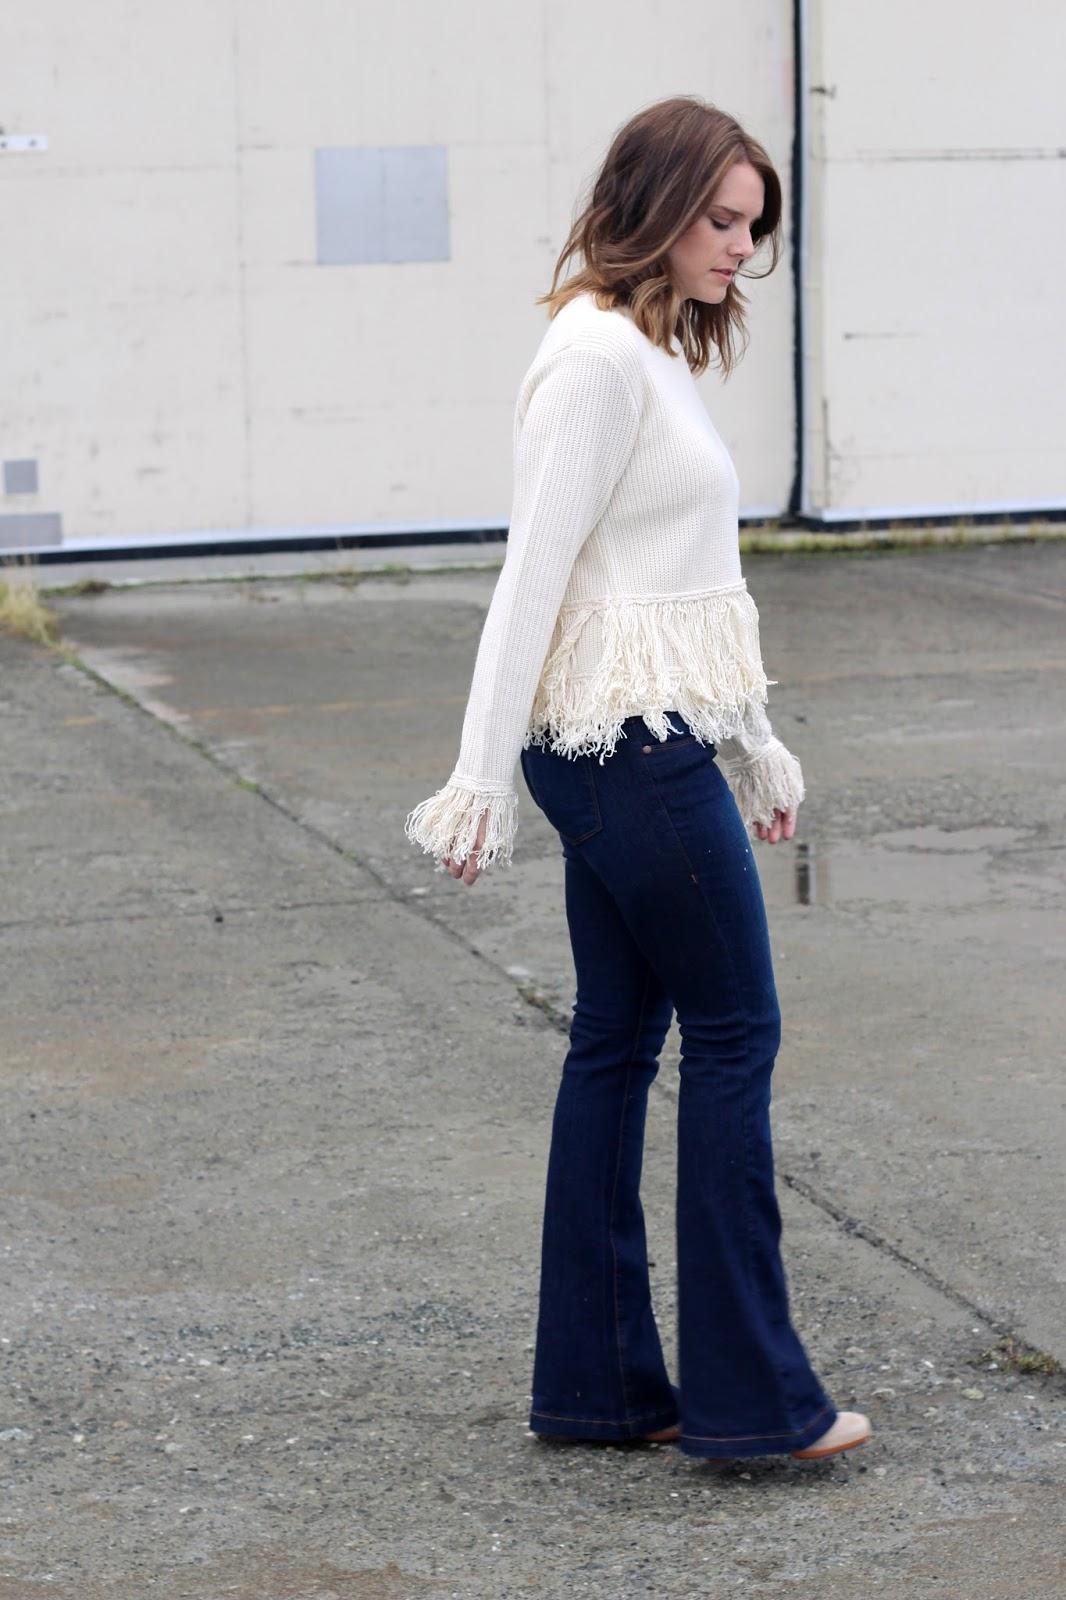 fringe sweater and flares